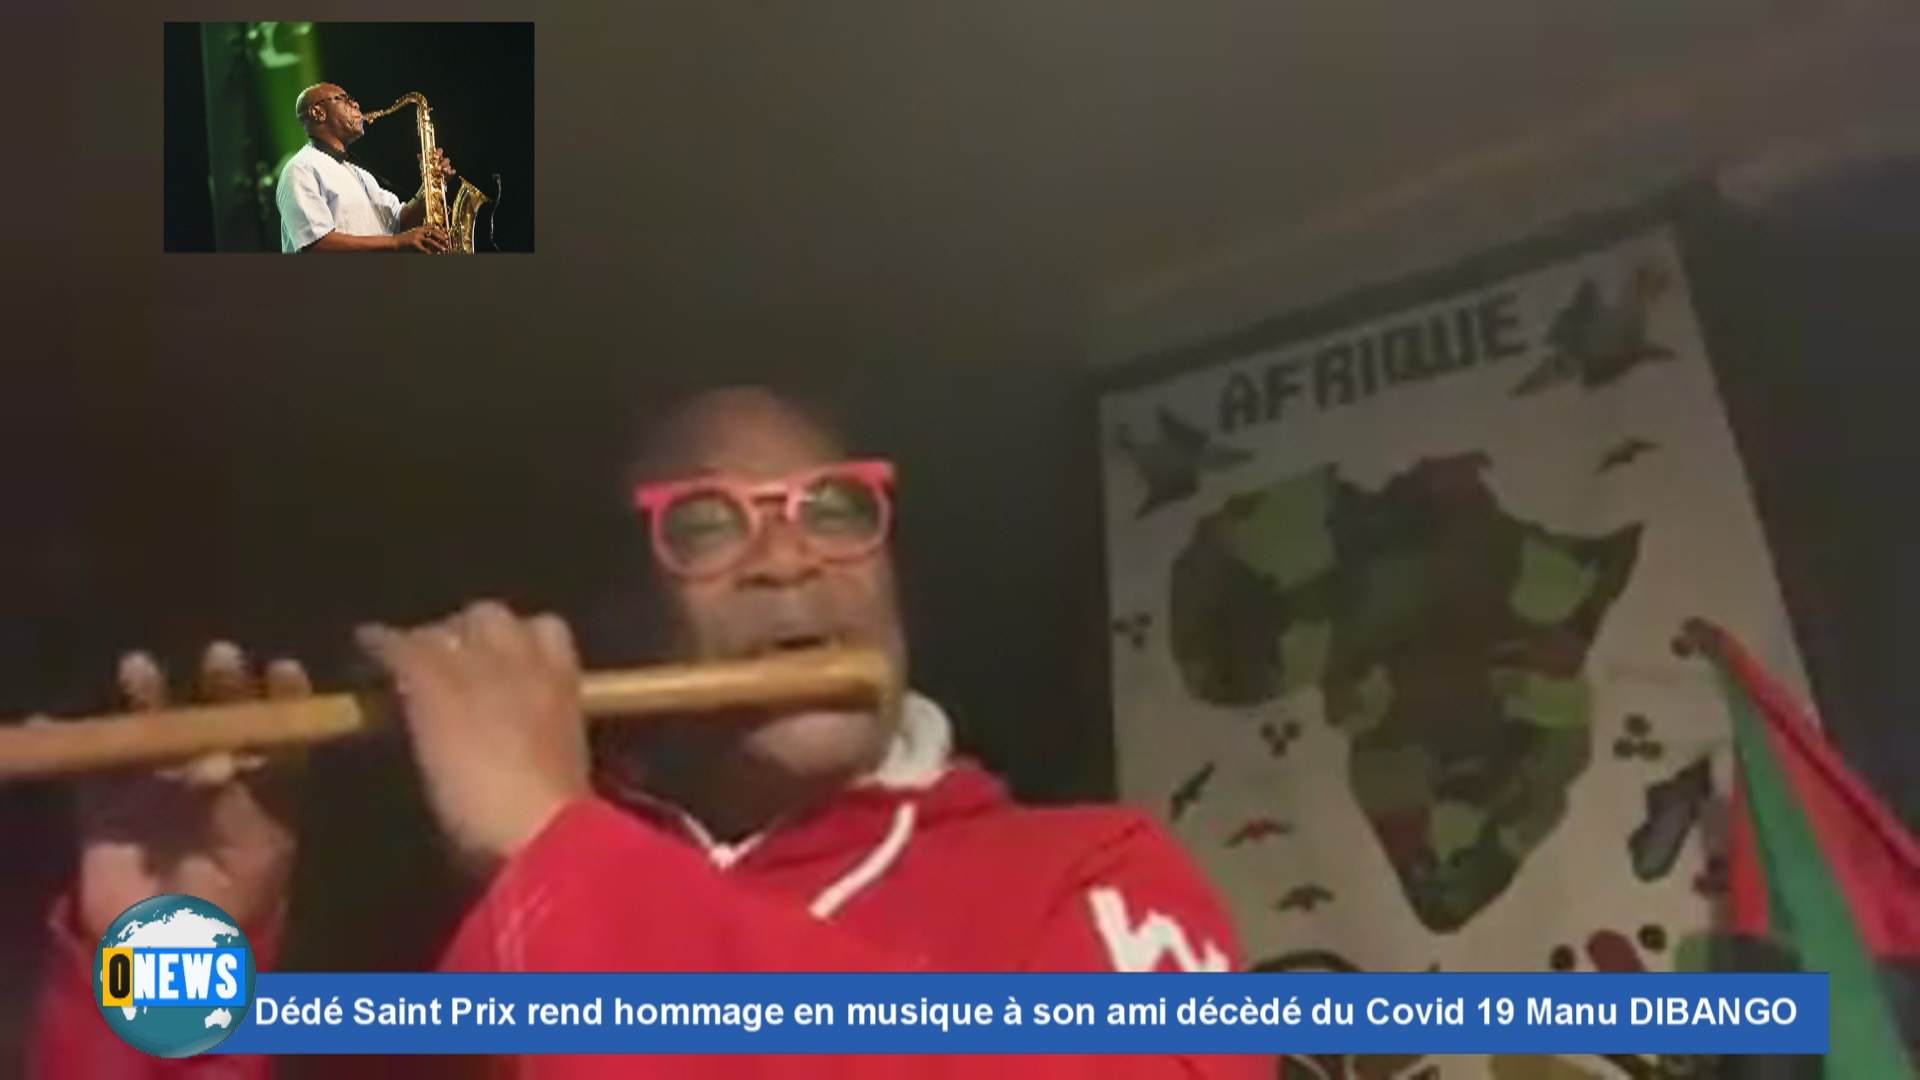 [Vidéo] Dédé SAINT PRIX Rend hommage en musique à son ami décèdé du Covid 19 Manu DIBANGO